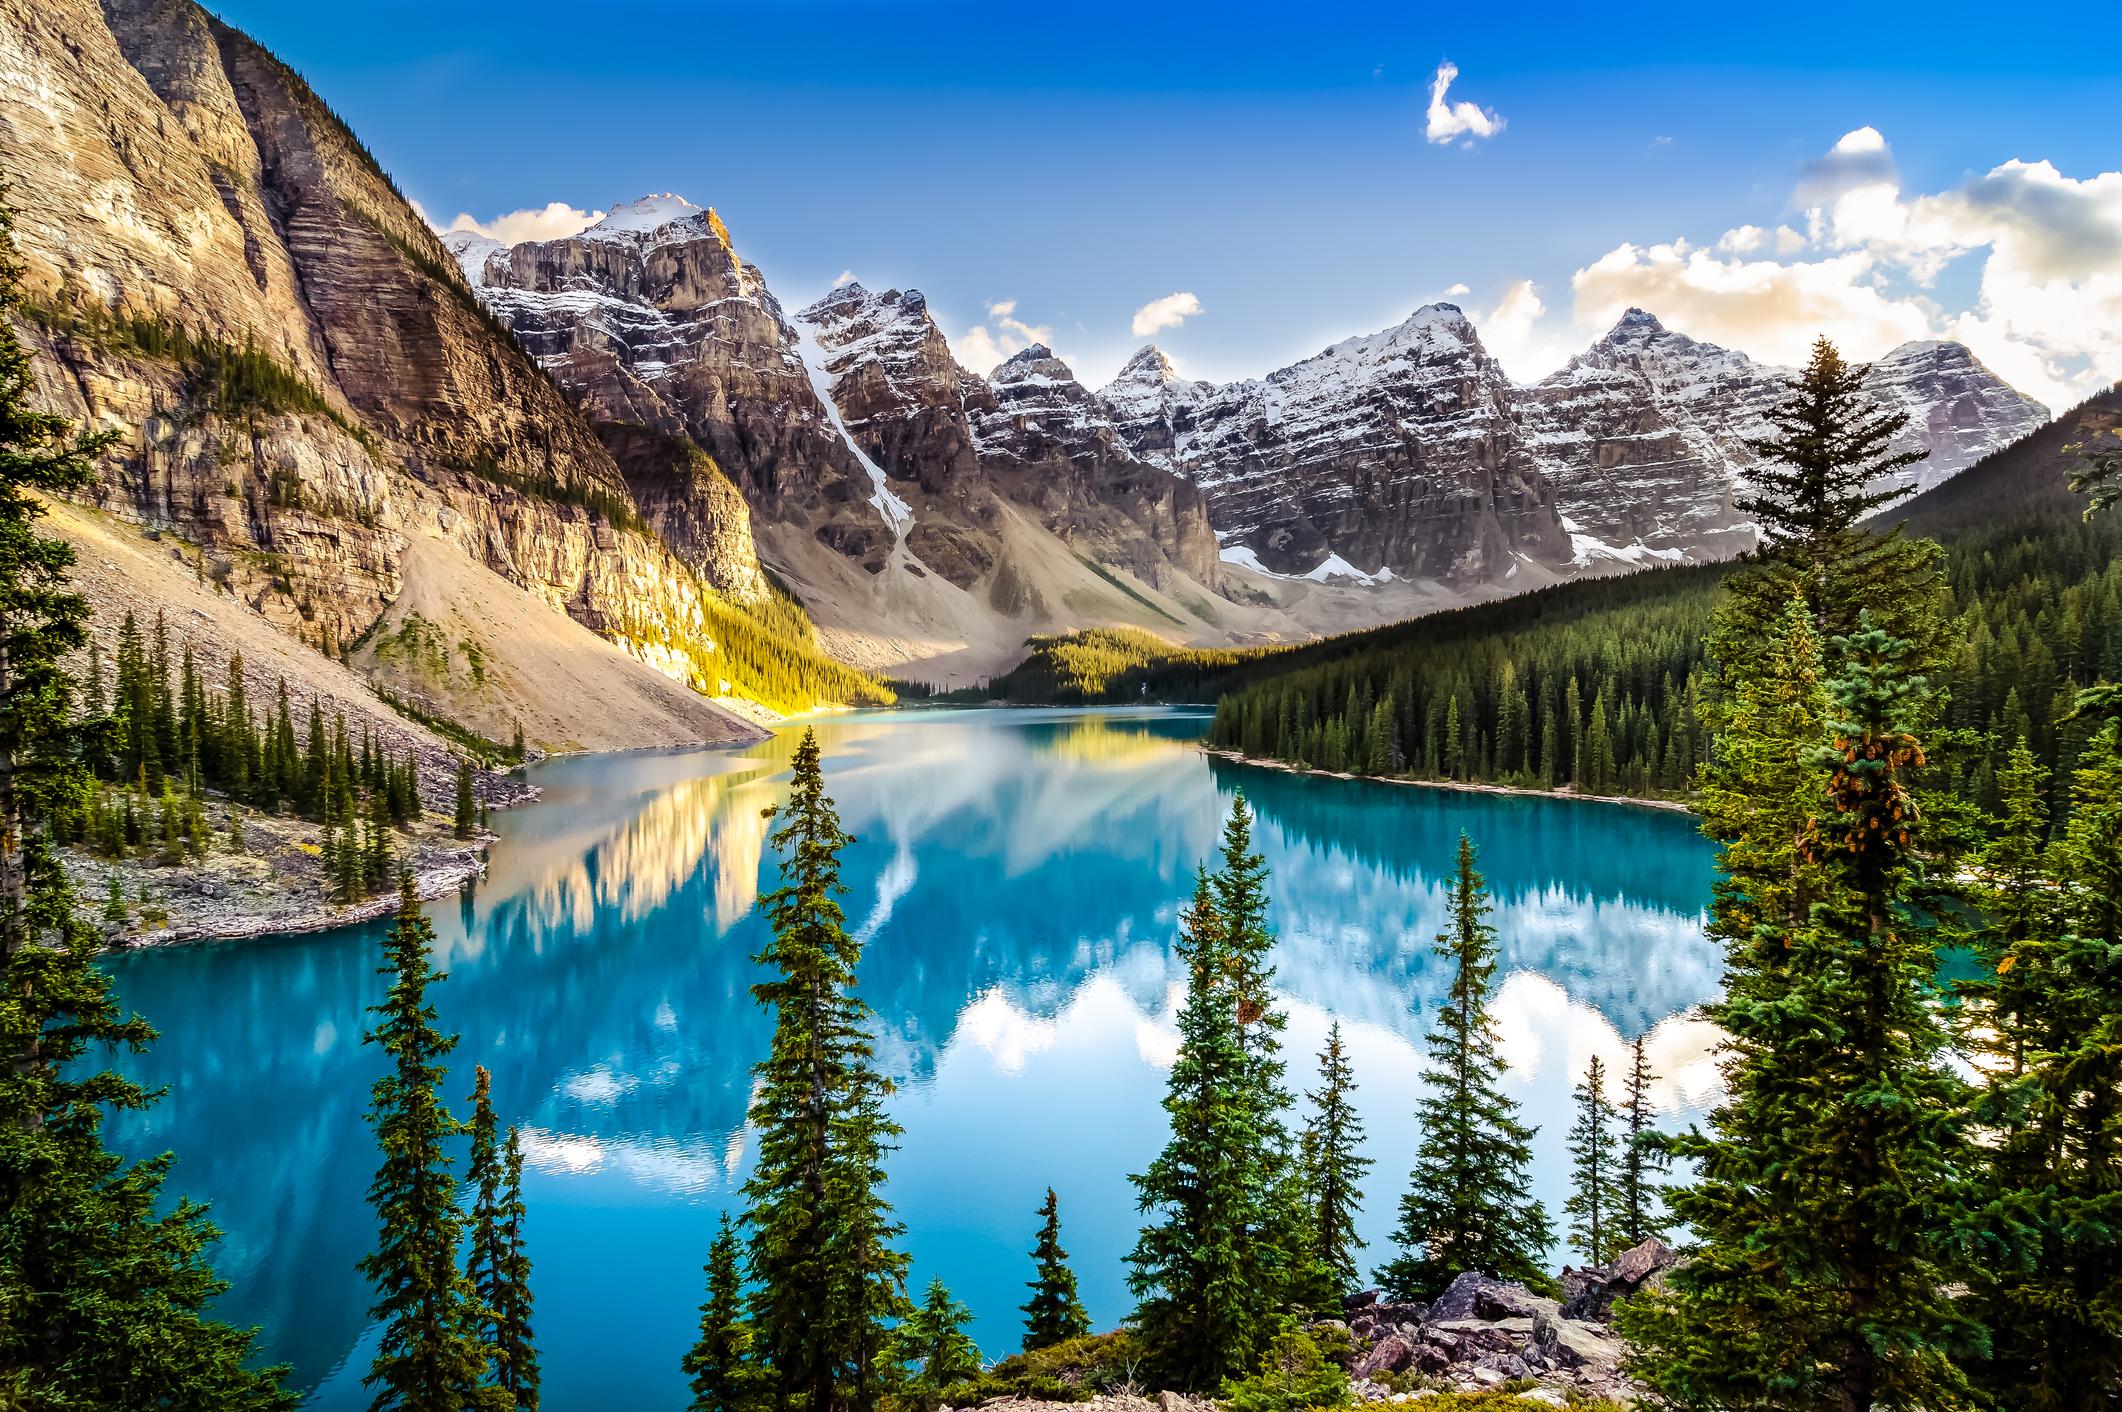 <p>Ледниковите езера в първия национален парк на Канада имат едни от най-сините води, които някога сте виждали. Дори и времето да е облачно, все още можете да се възхищавате на гледките от една от уютните и луксозни хижи край езерото Луиза.</p>